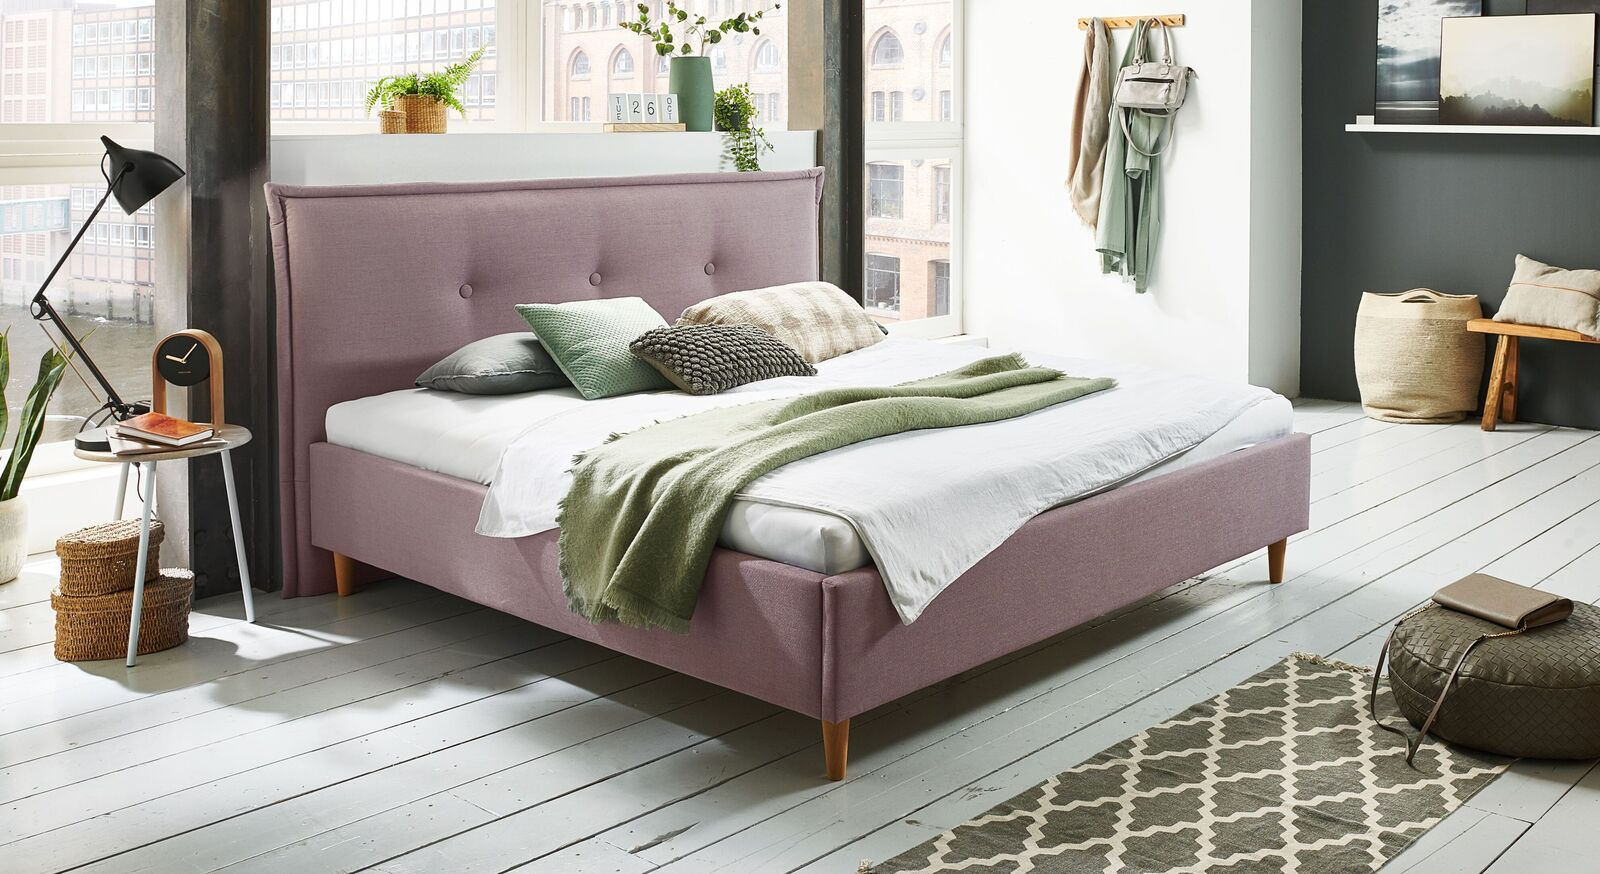 Bett Indore mit hochwertigem Webstoff in Flieder